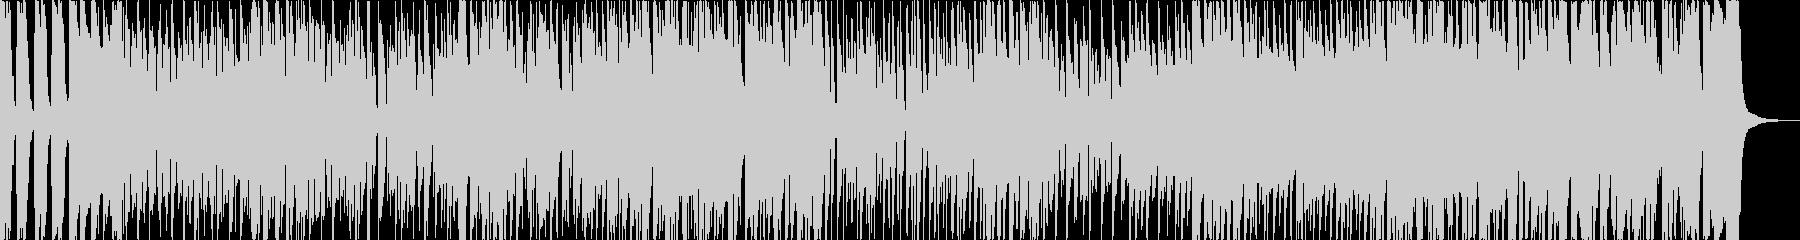 エネルギッシュなファンキーブルースの未再生の波形